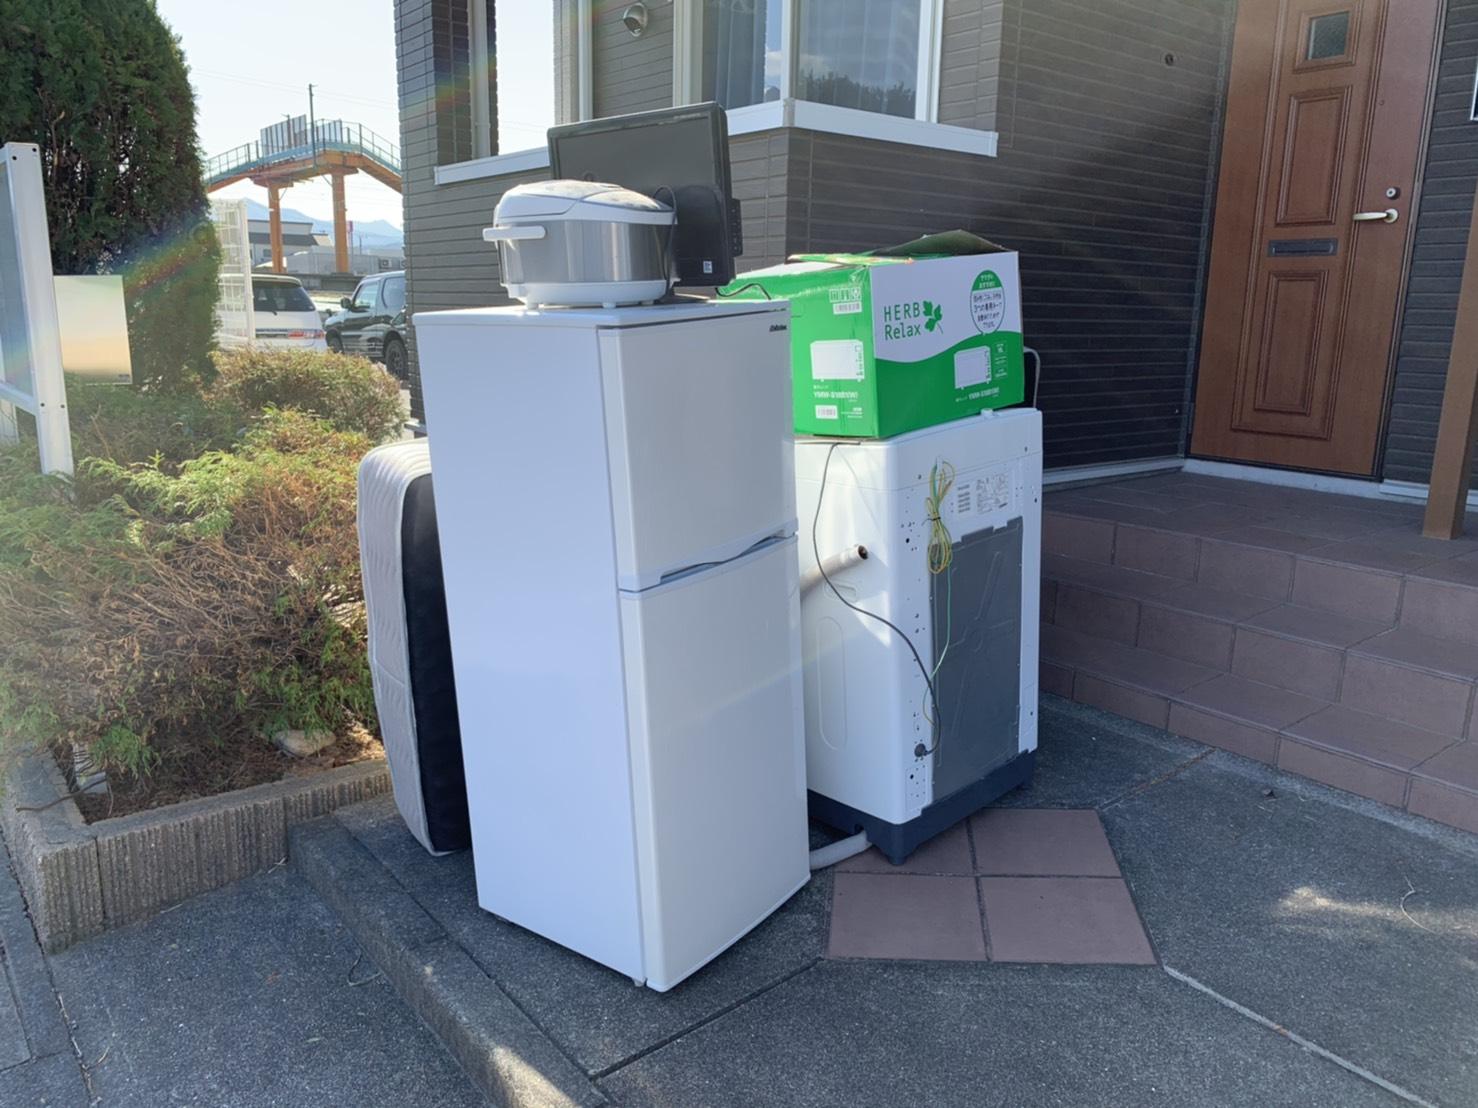 冷蔵庫、洗濯機、炊飯器、テレビ、マットレスの回収前